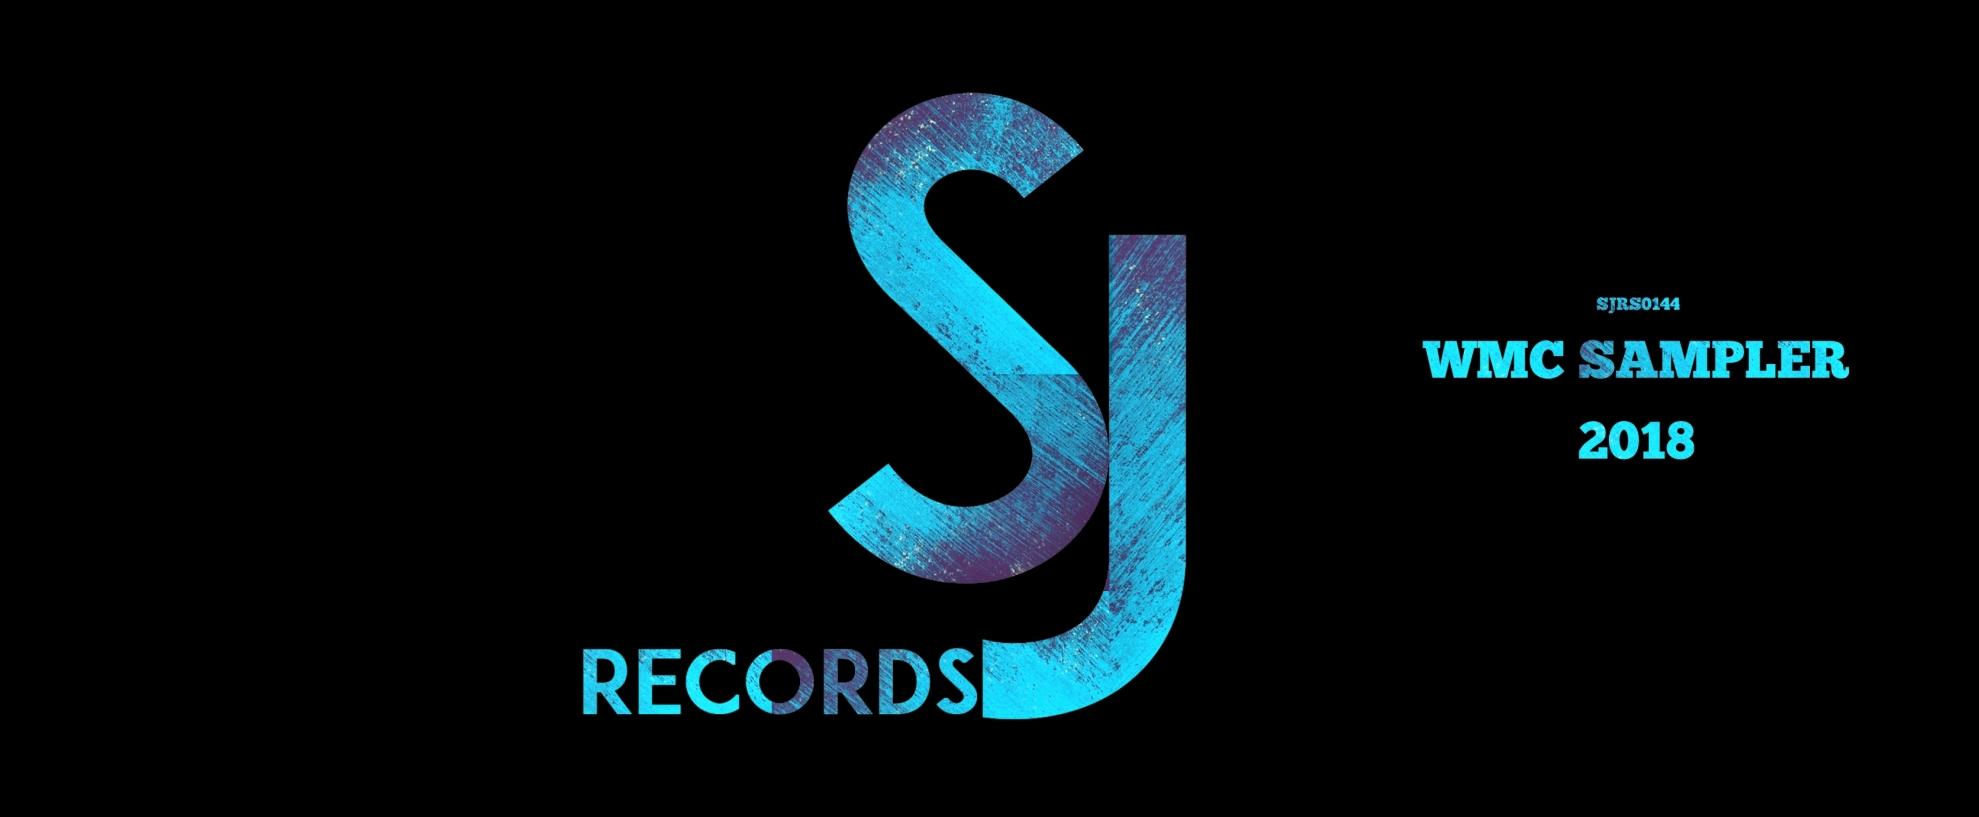 SJRS0144-slide